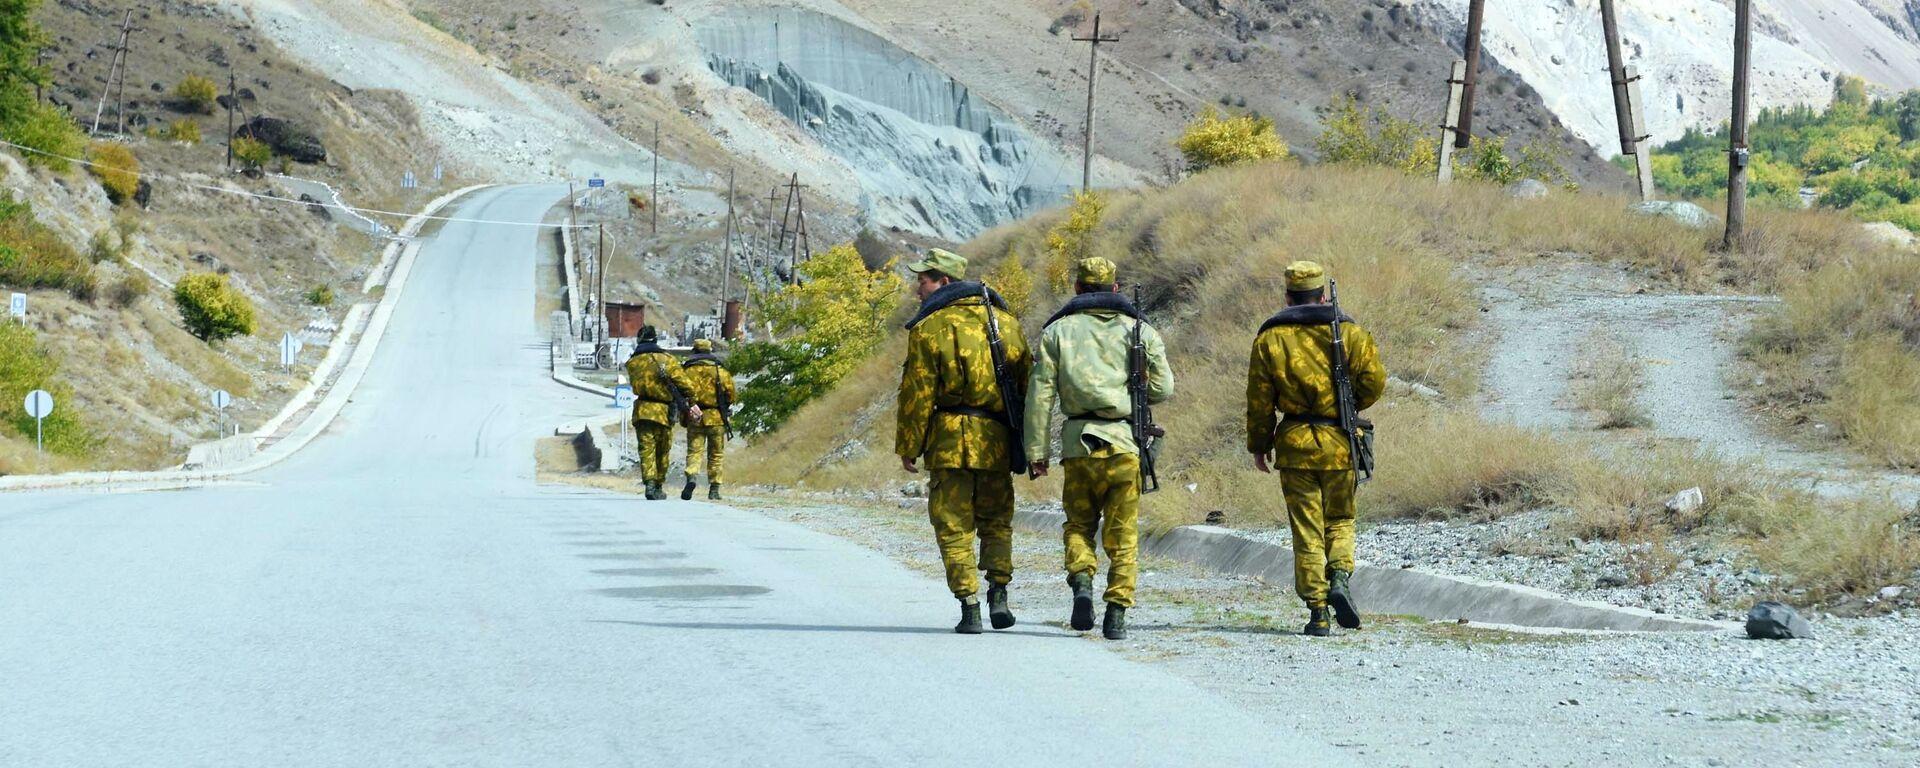 Пограничники на таджикско-афганской границе - Sputnik Таджикистан, 1920, 06.09.2021